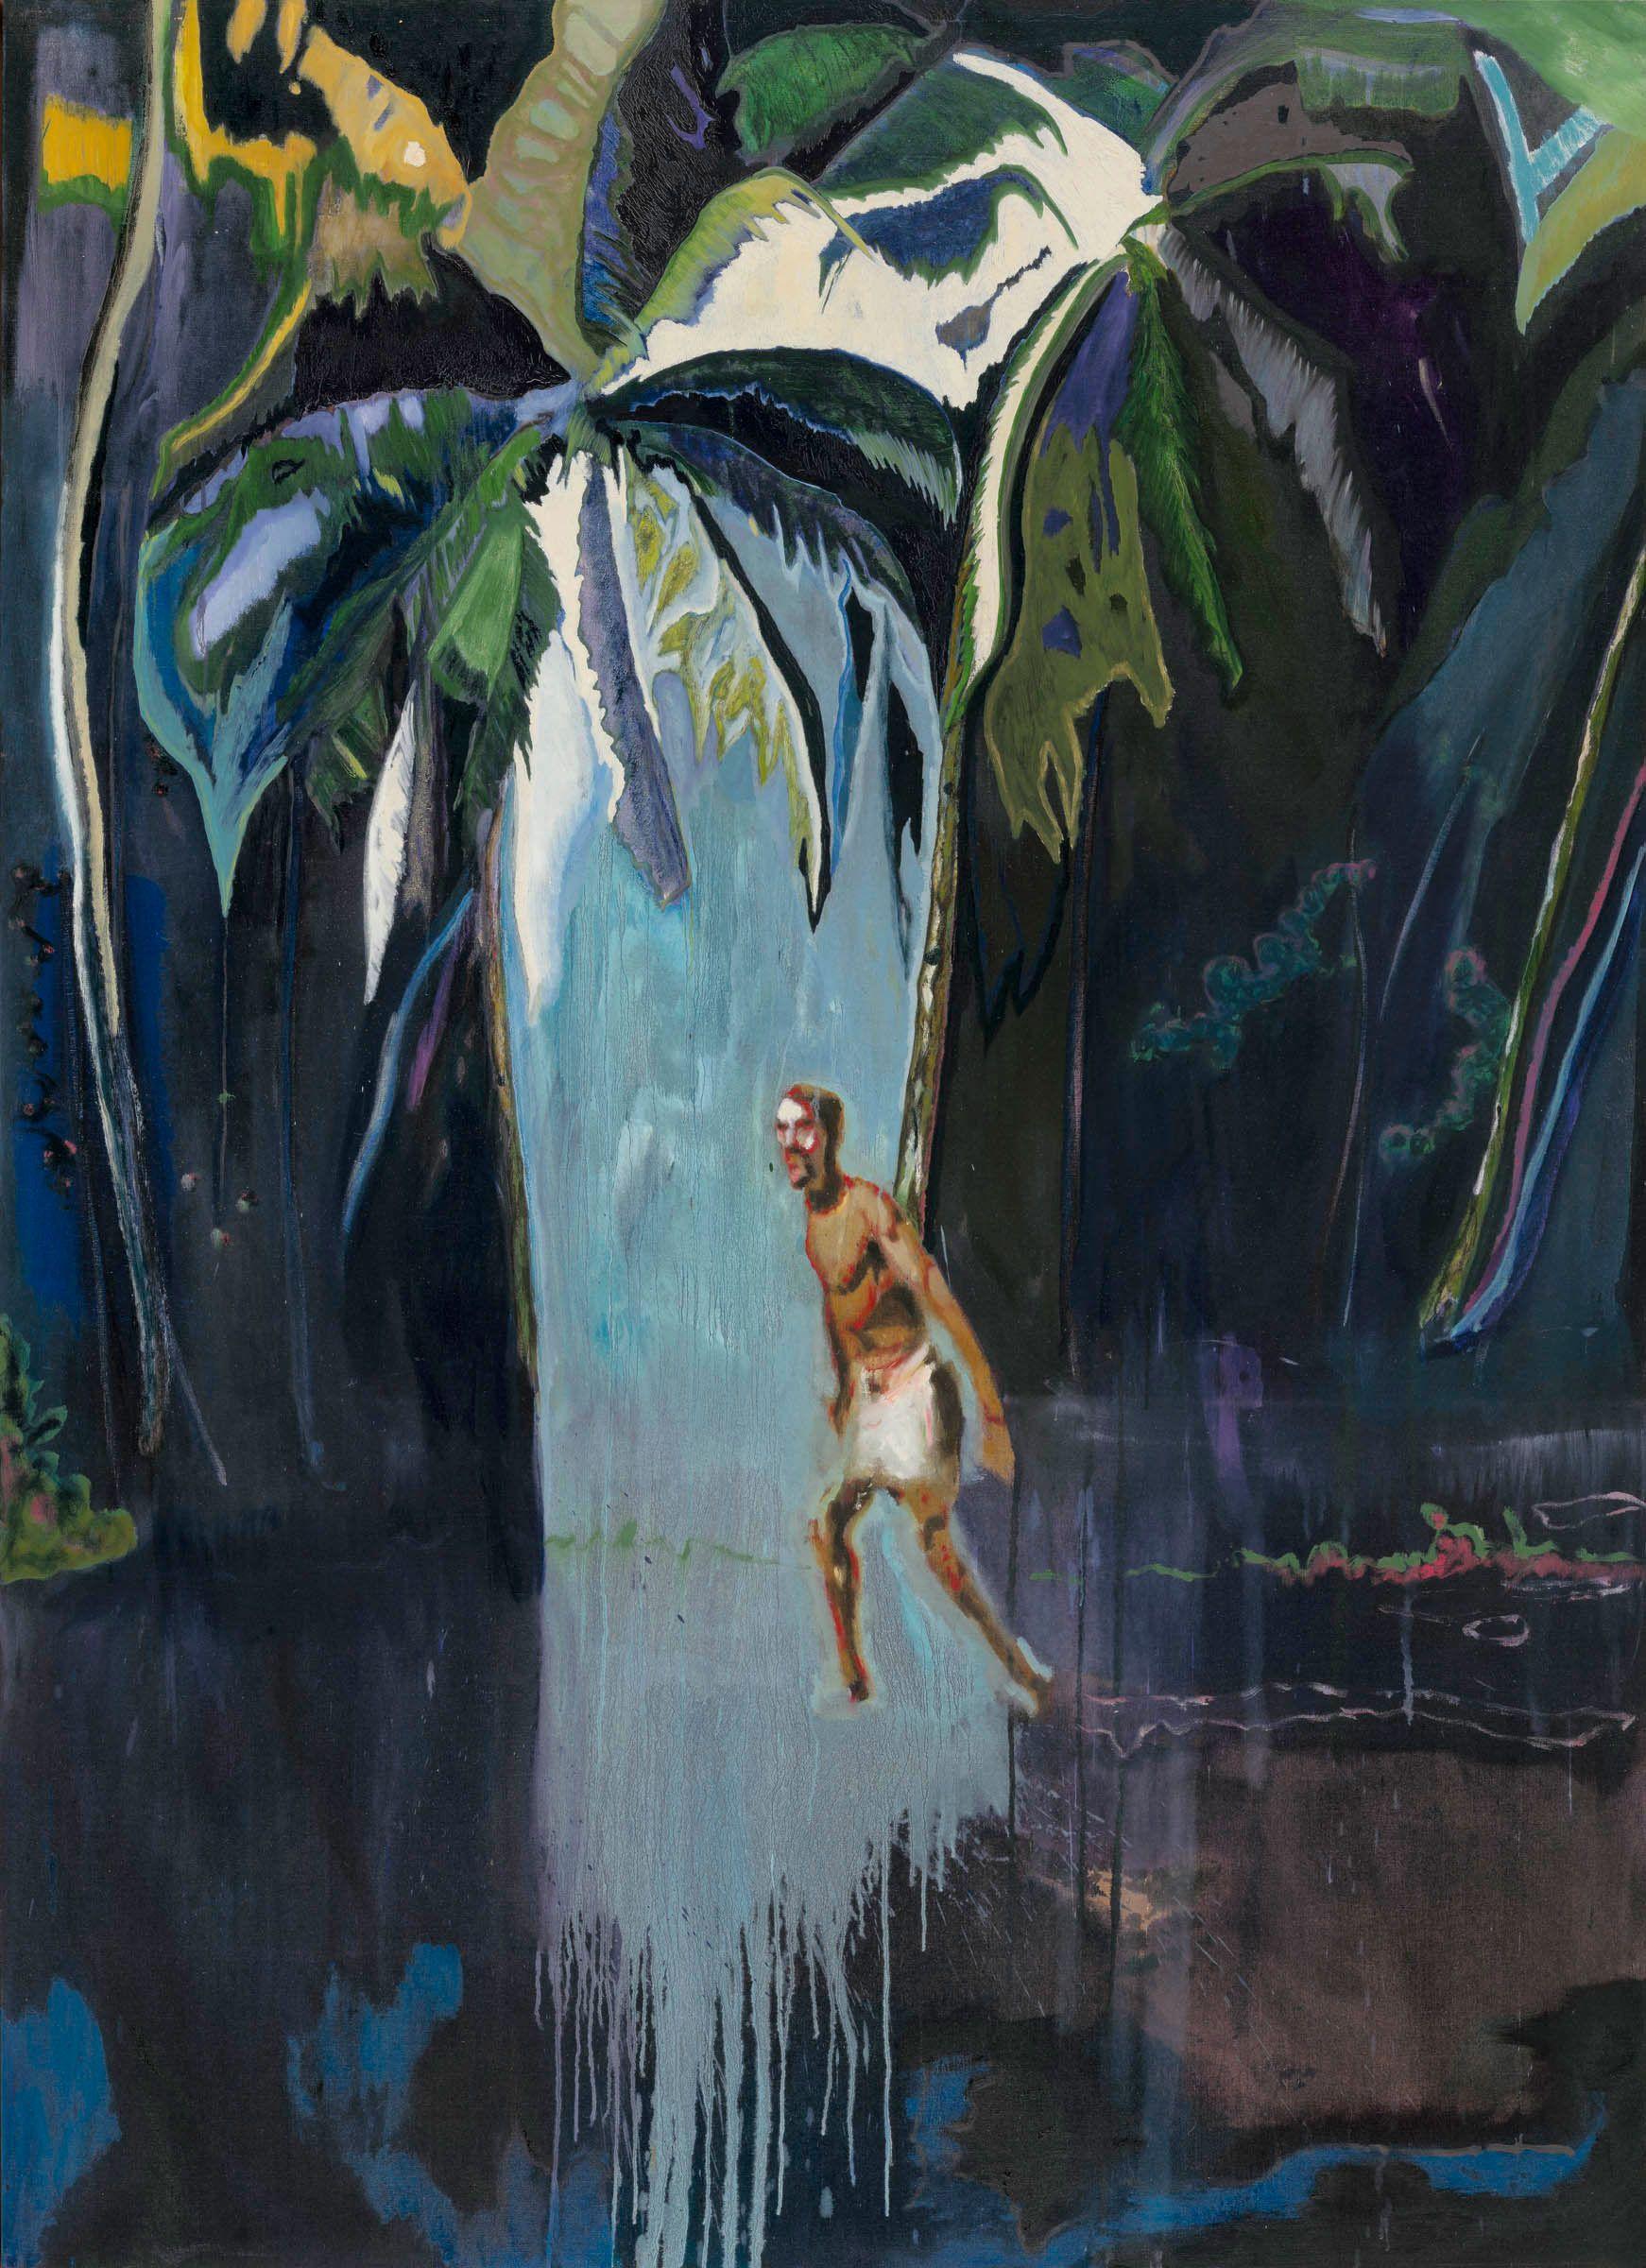 Peter Doig Nulle Terre Etrangere Arte Abstracto Cine Arte Artistas